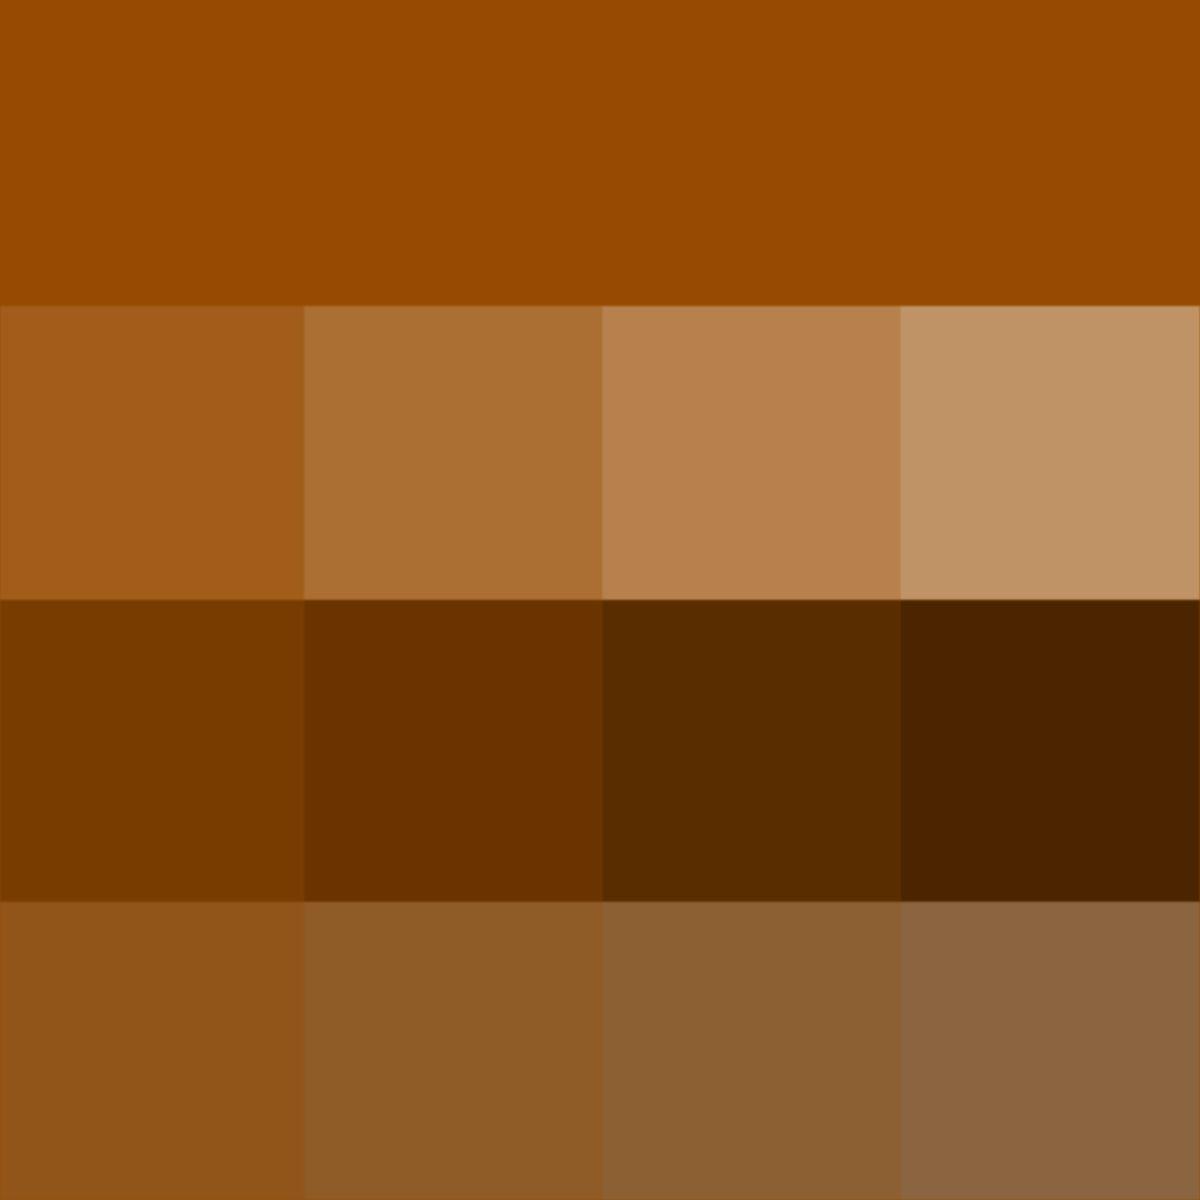 Brown Hue Tints Shades Tones Hue Pure Color With Tints Hue White Shades Hue Black And Tones Hu Rust Color Paint Color Textures Colour Tint